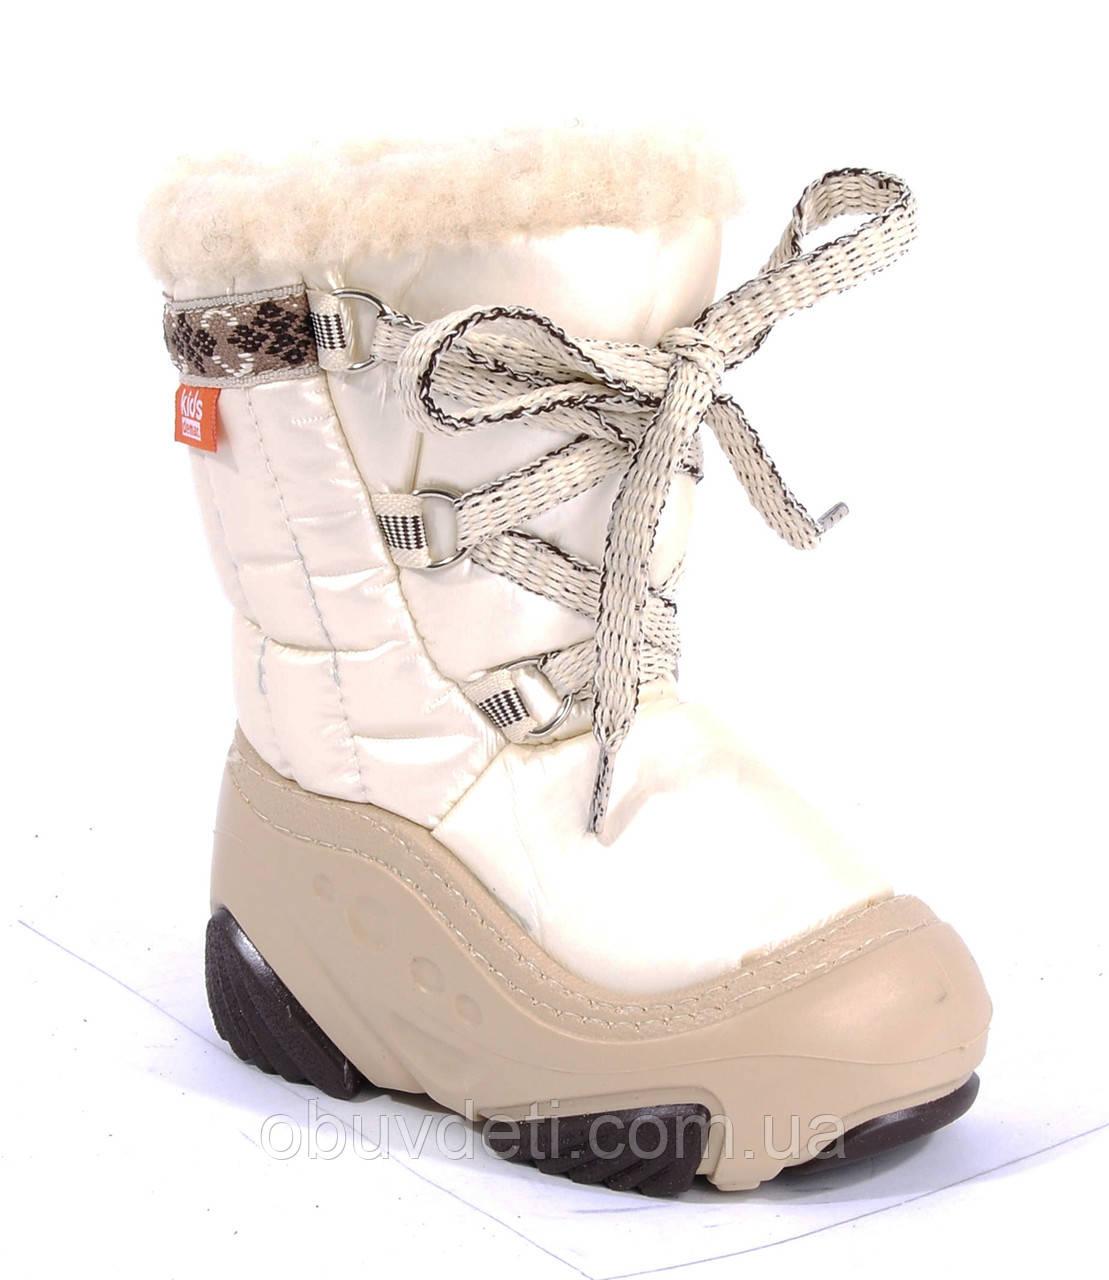 Дитячі зимові дутіки бежеві Demar 26-27 (17.0 cm)Joy